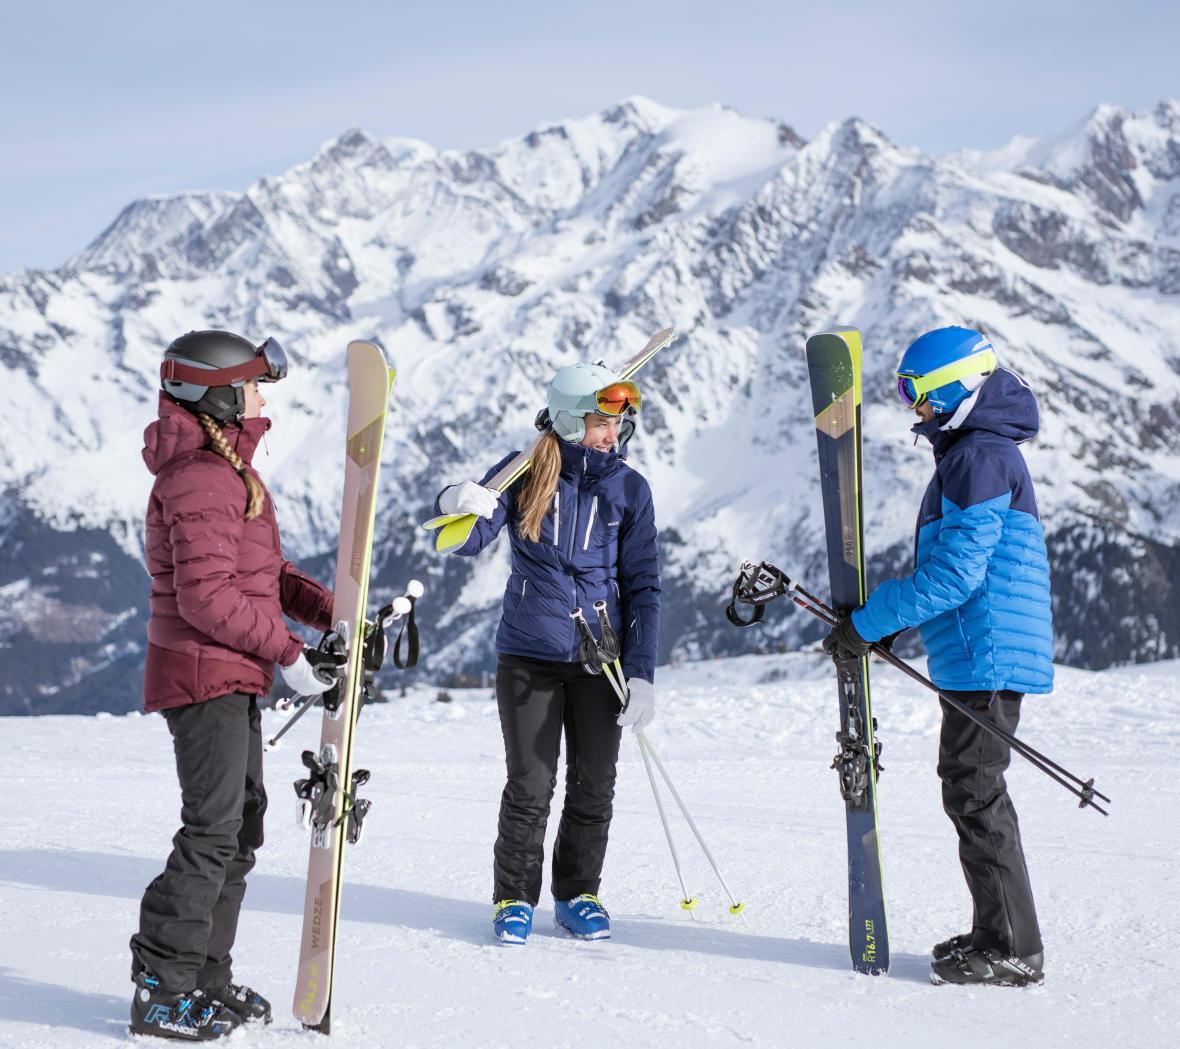 bien préparer son matériel de ski